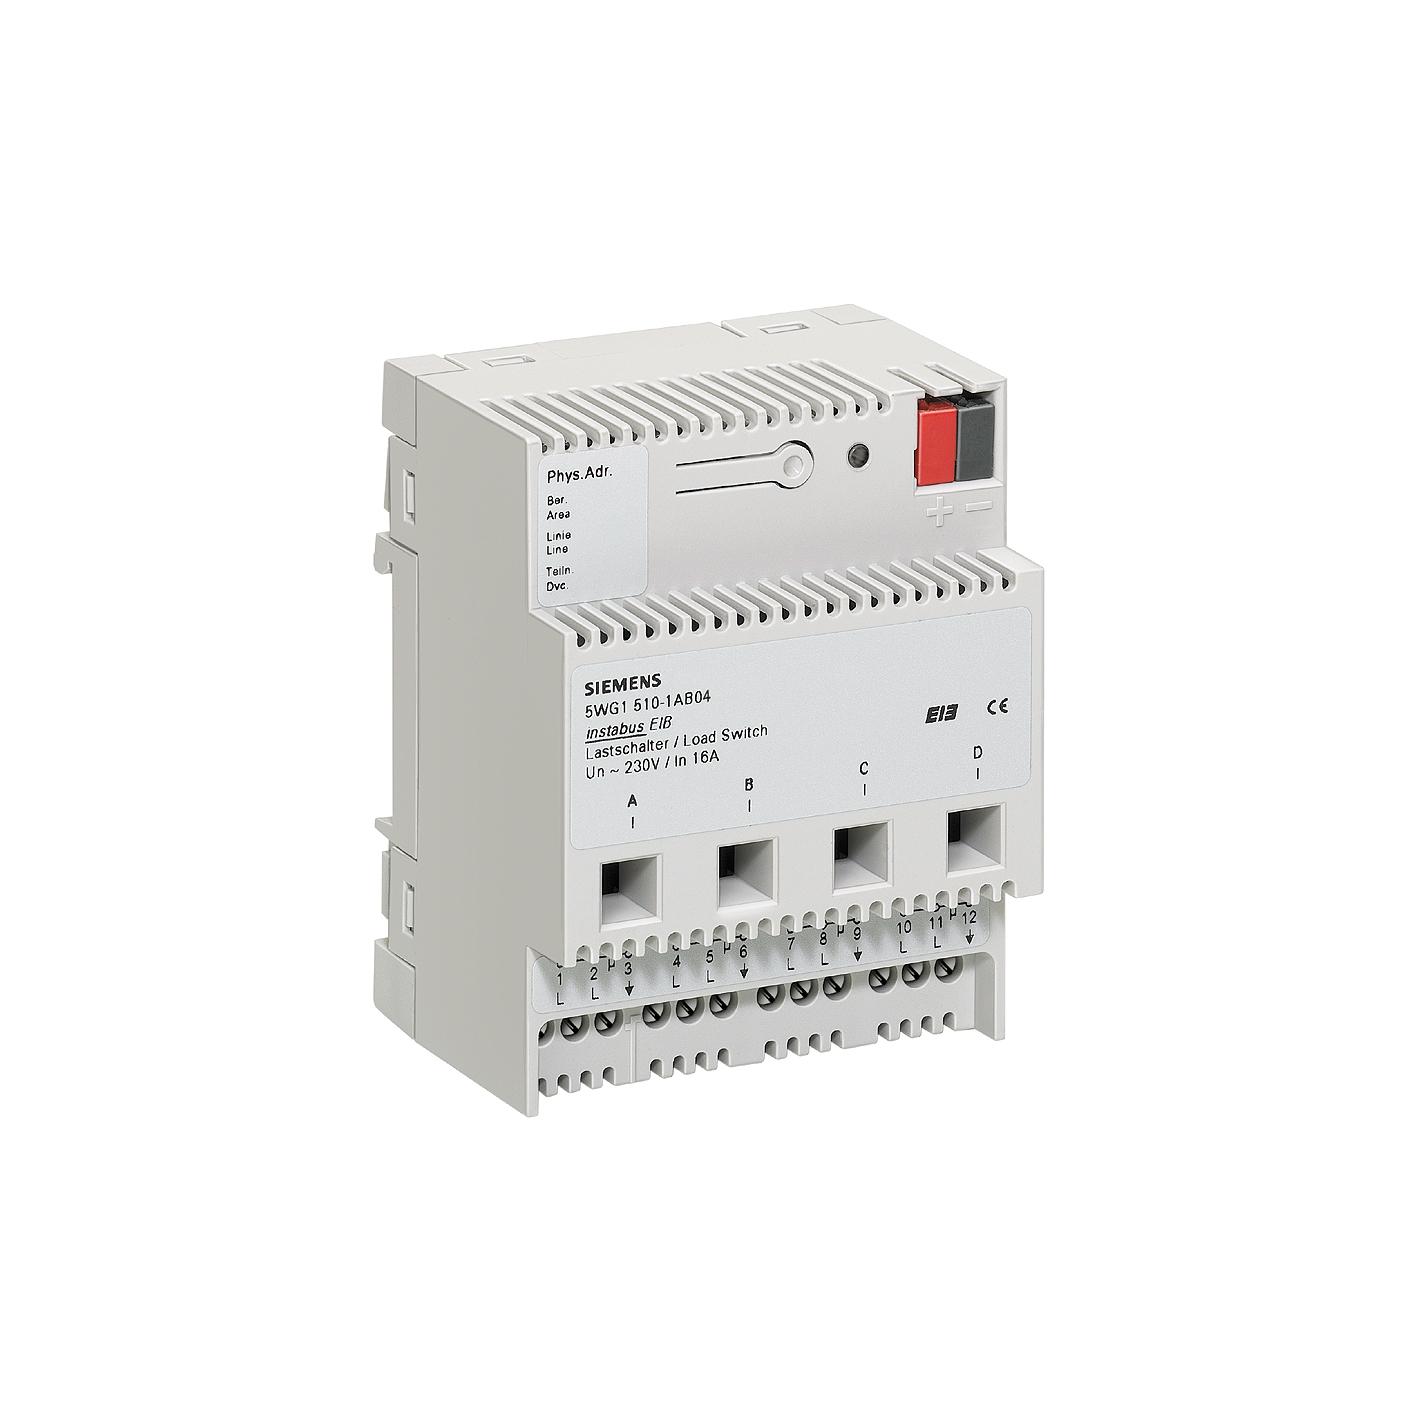 1 Stk Lastschalter, 4 x AC 230 V, 16 A, C-Last KX5101AB04